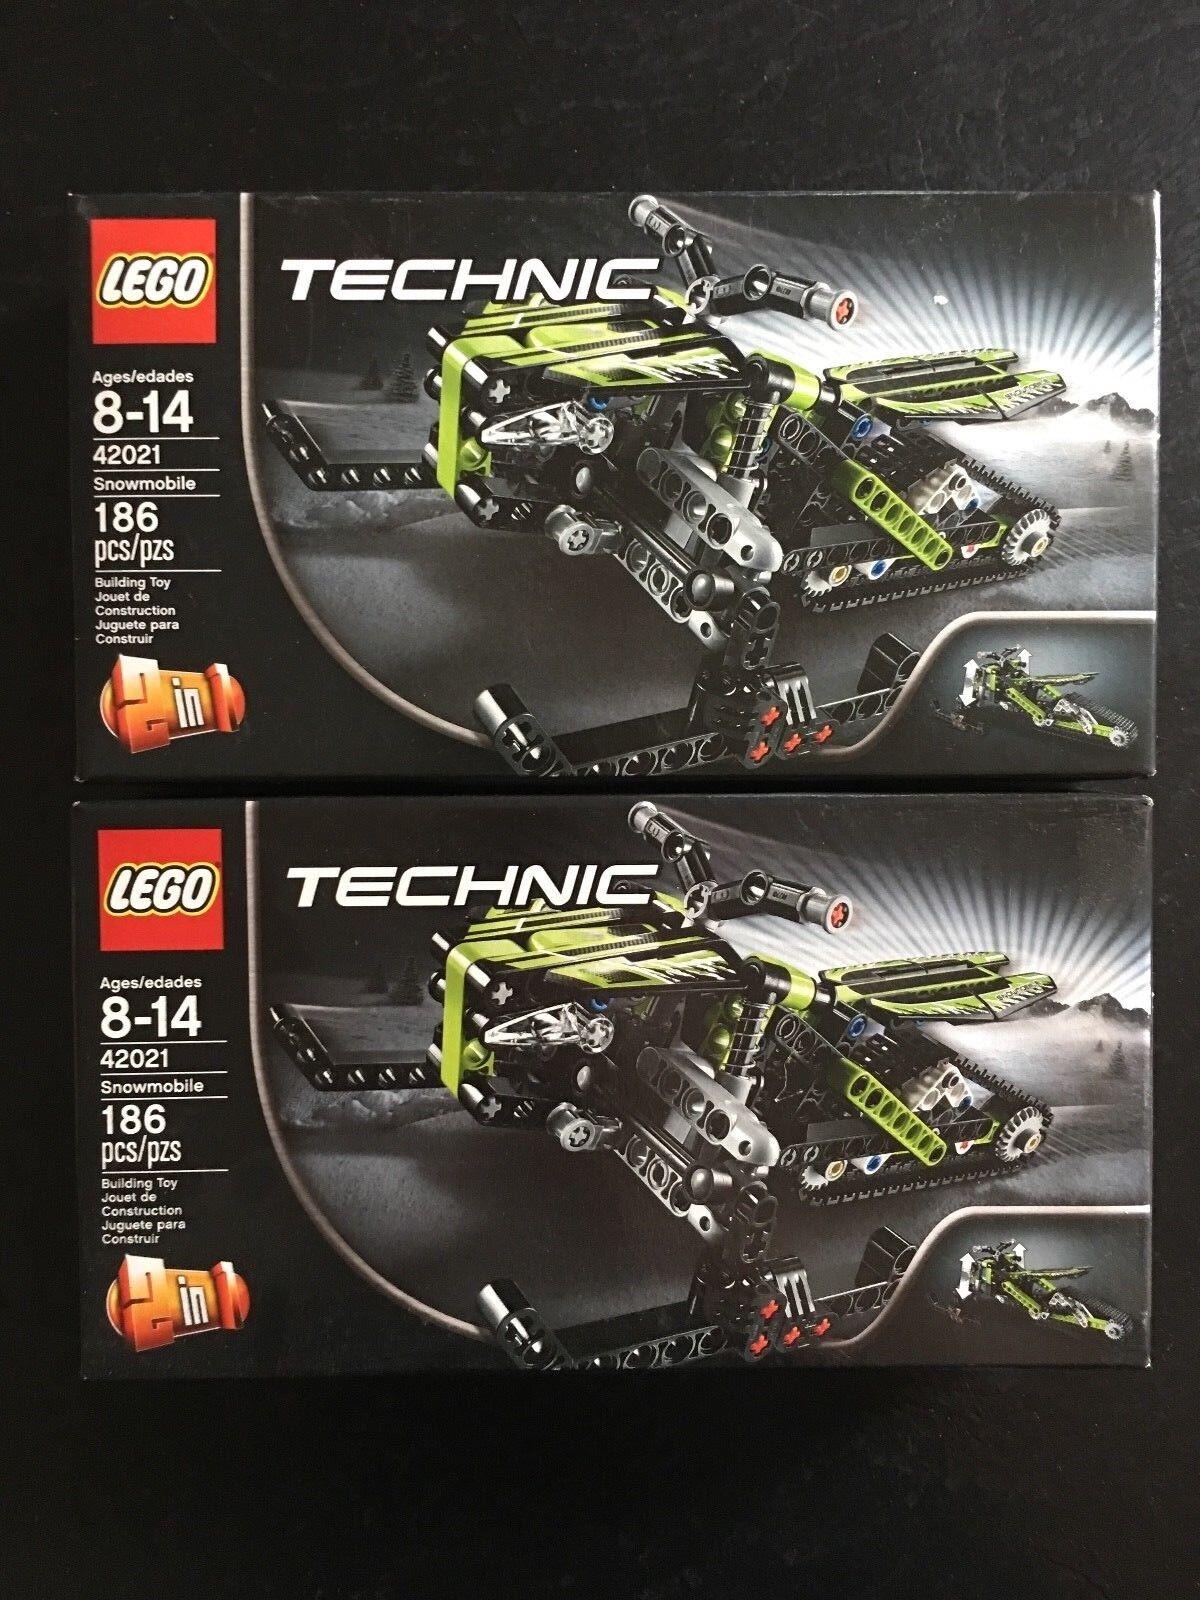 Lego Technic 42021 Snowmobile Set x2-conjuntos de sellado de fábrica-retirado